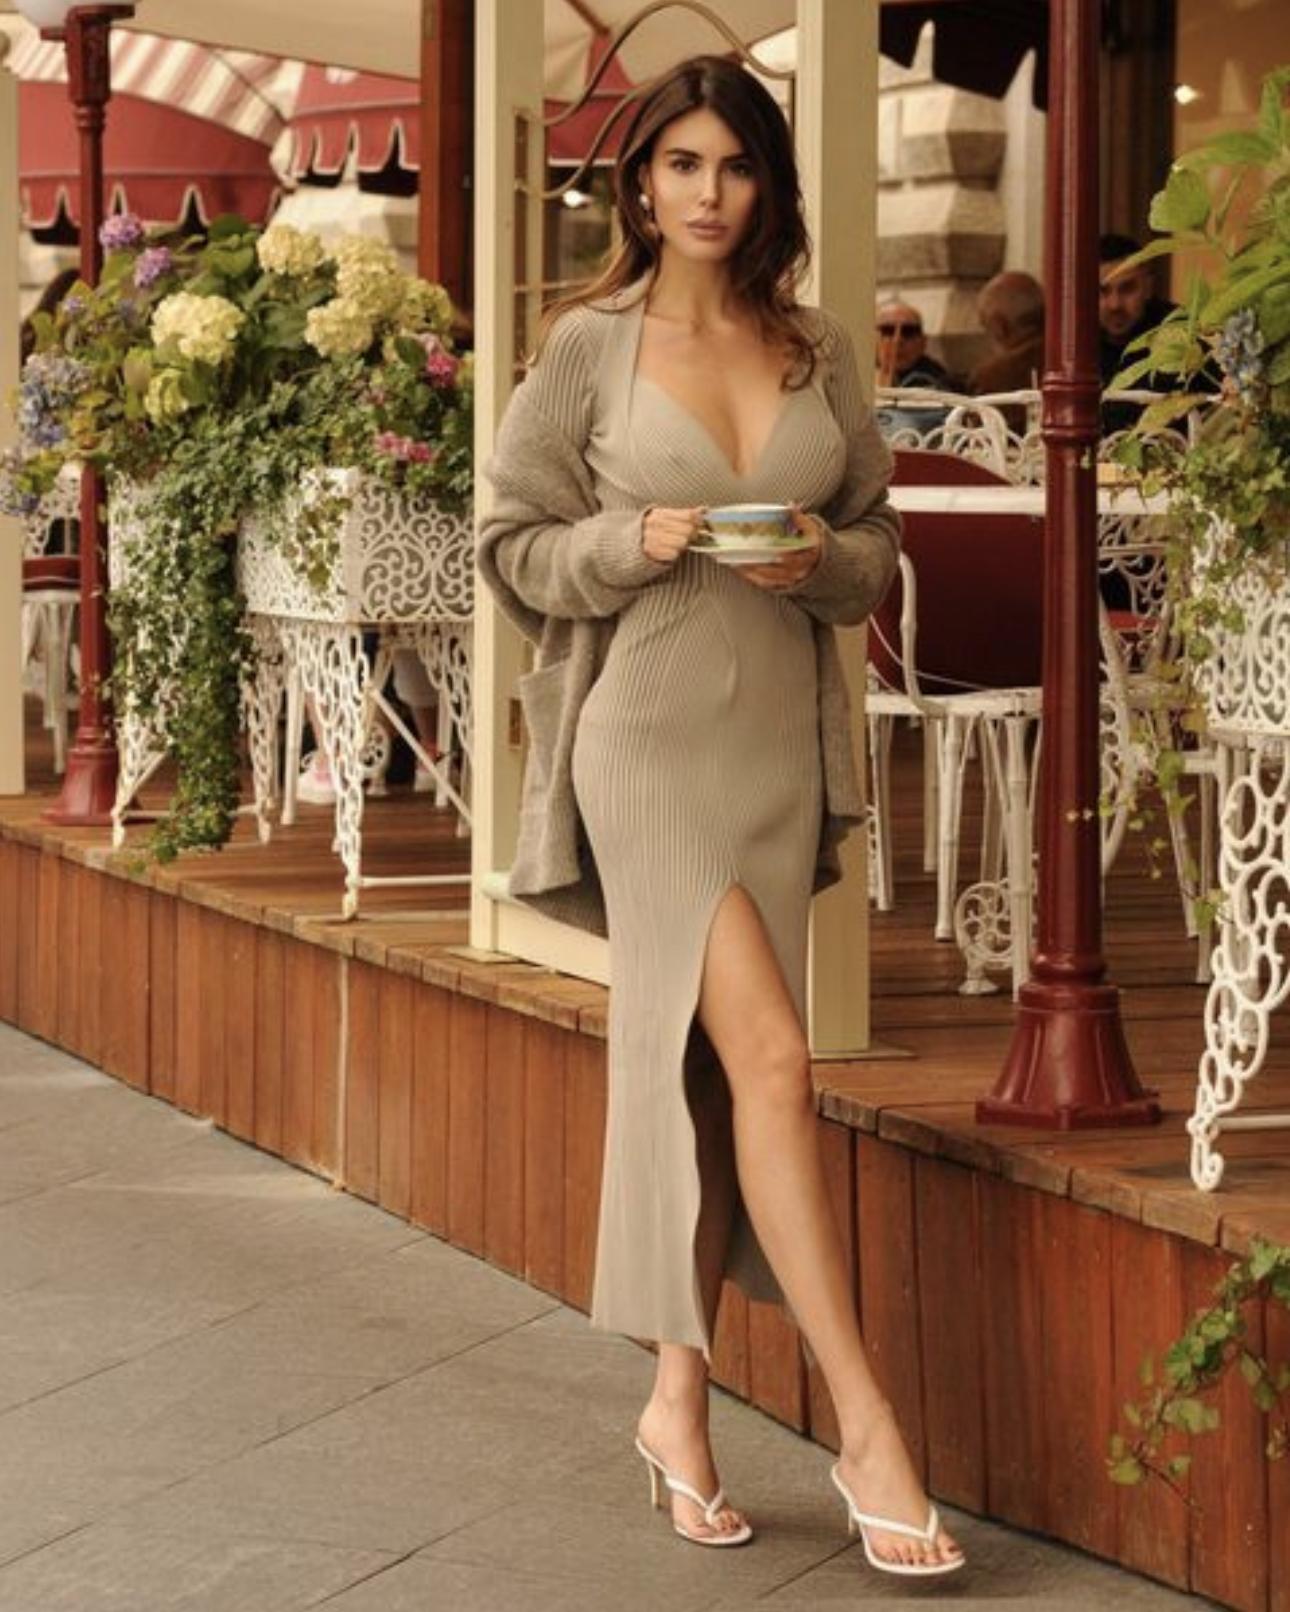 Сильвия Карузо — итальянская модель и ведущая вечернего шоу «Monday Night»